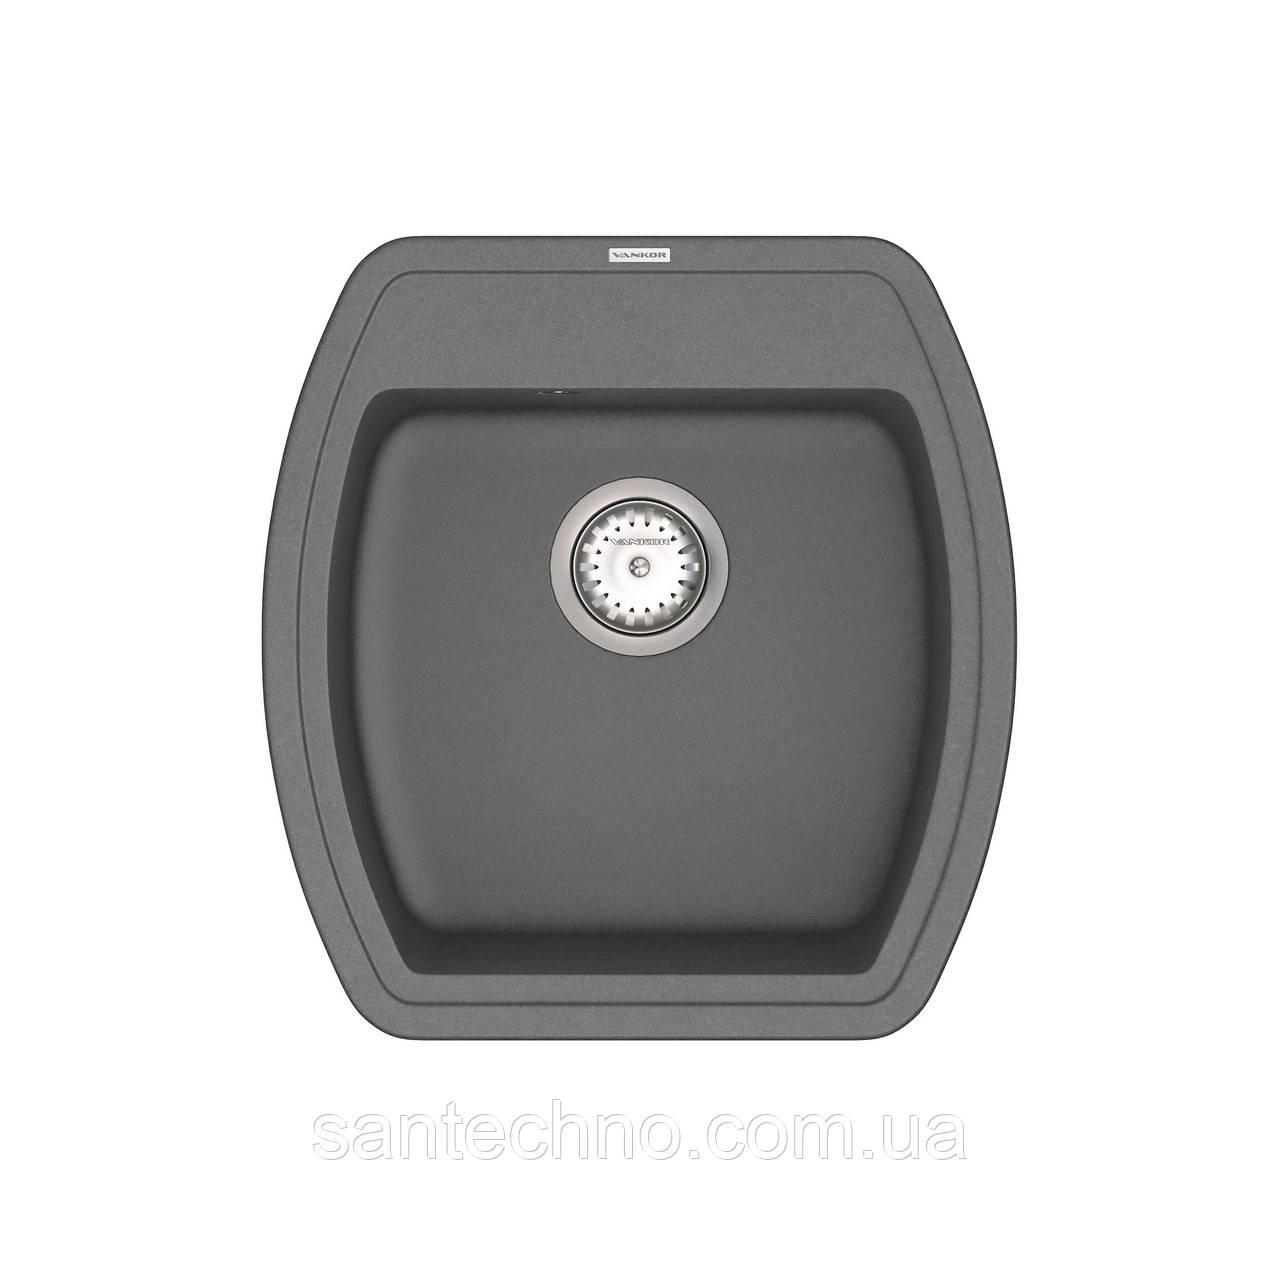 Кухонная врезная мойка VANKOR Norton NMP 01.48 Gray + сифон VANKOR